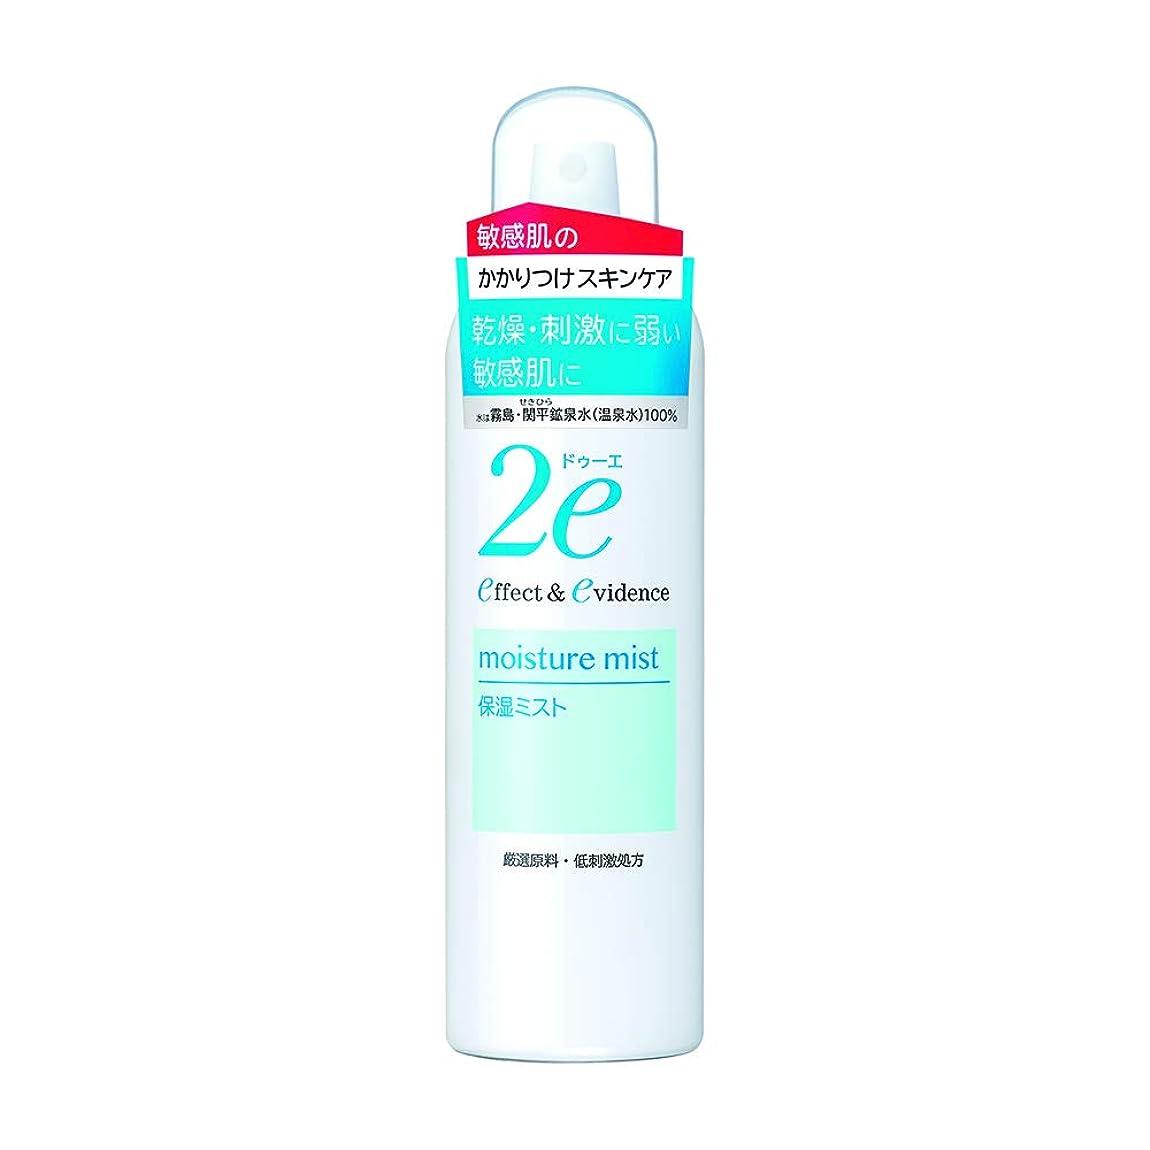 ヒューバートハドソン問い合わせすずめ2e(ドゥーエ) 保湿ミスト 敏感肌用化粧水 スプレータイプ 低刺激処方 180g